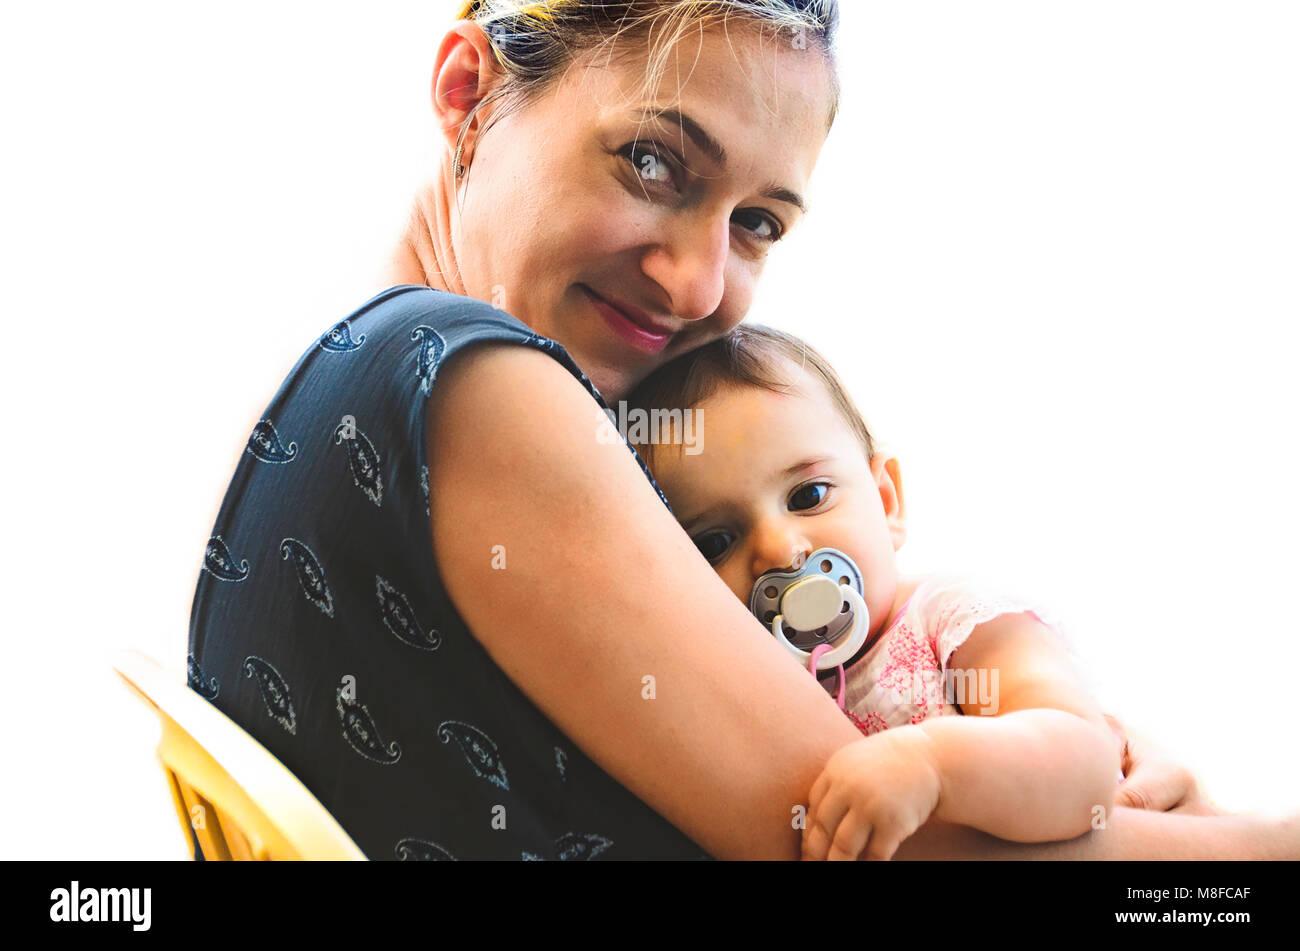 Abbraccio neonato mamma sonno sorriso donna madre coccola il bambino innocente ragazza succhietto Immagini Stock